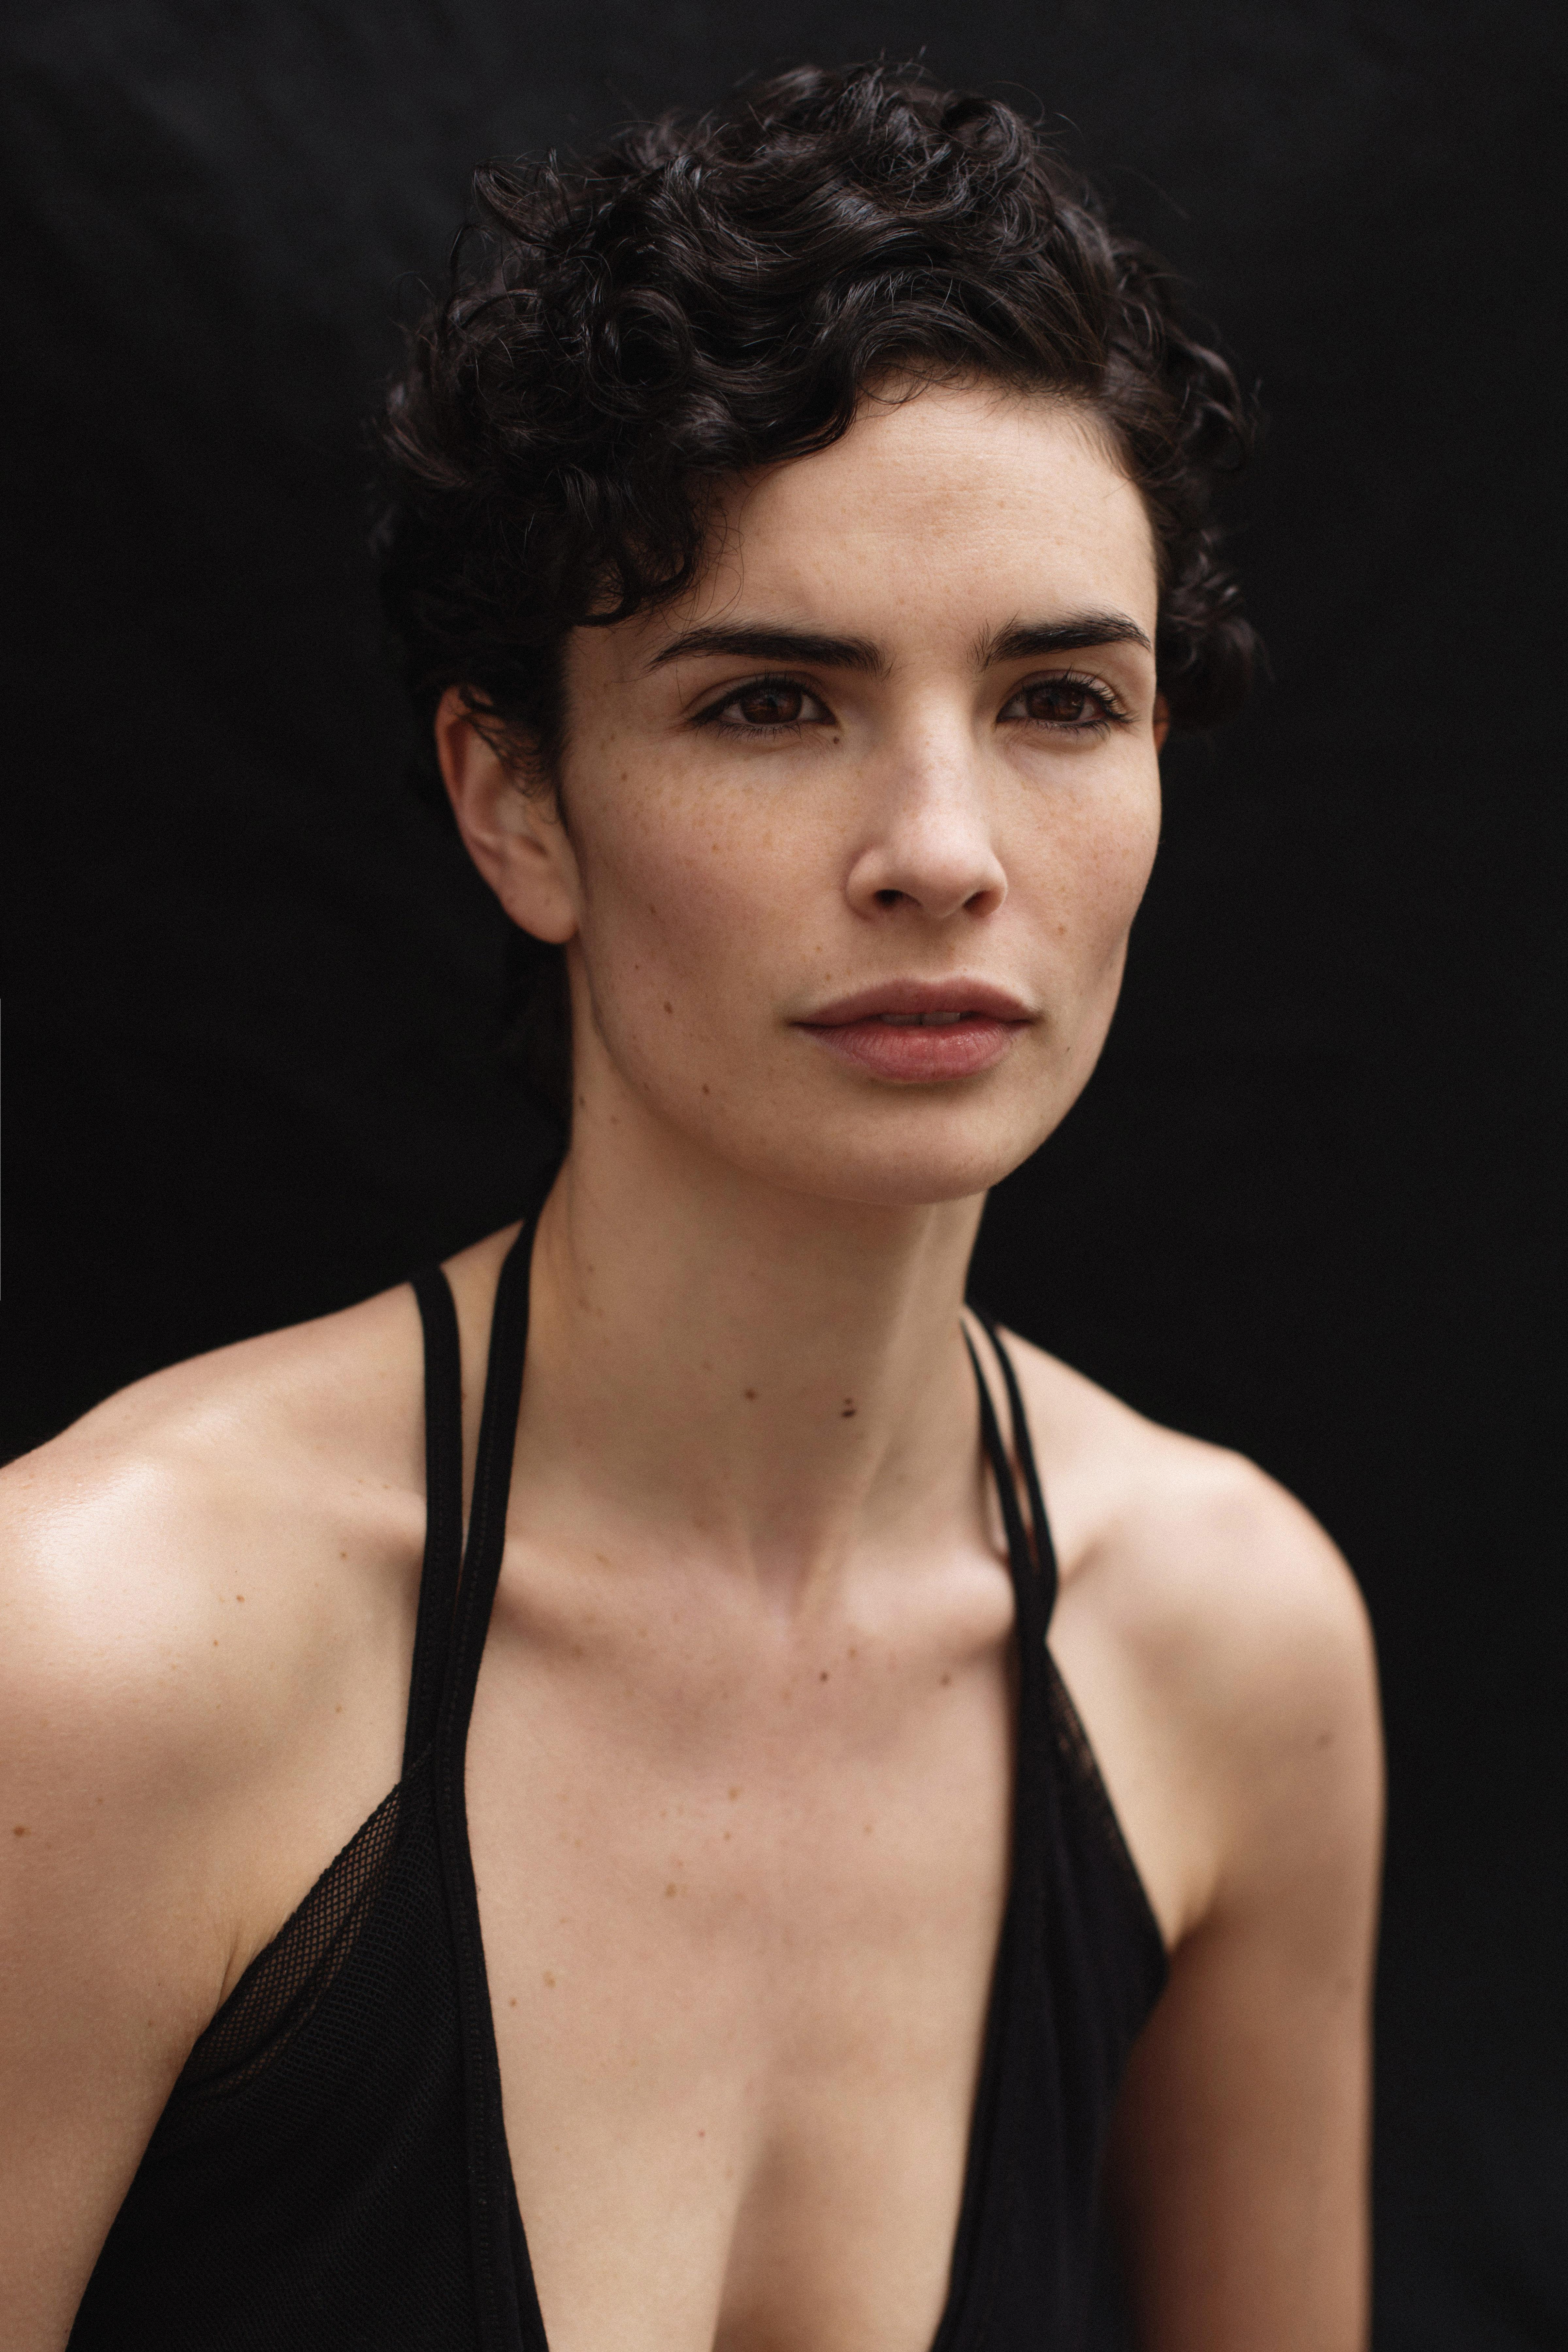 Karin Models - Suzanne Meyer Karin Models